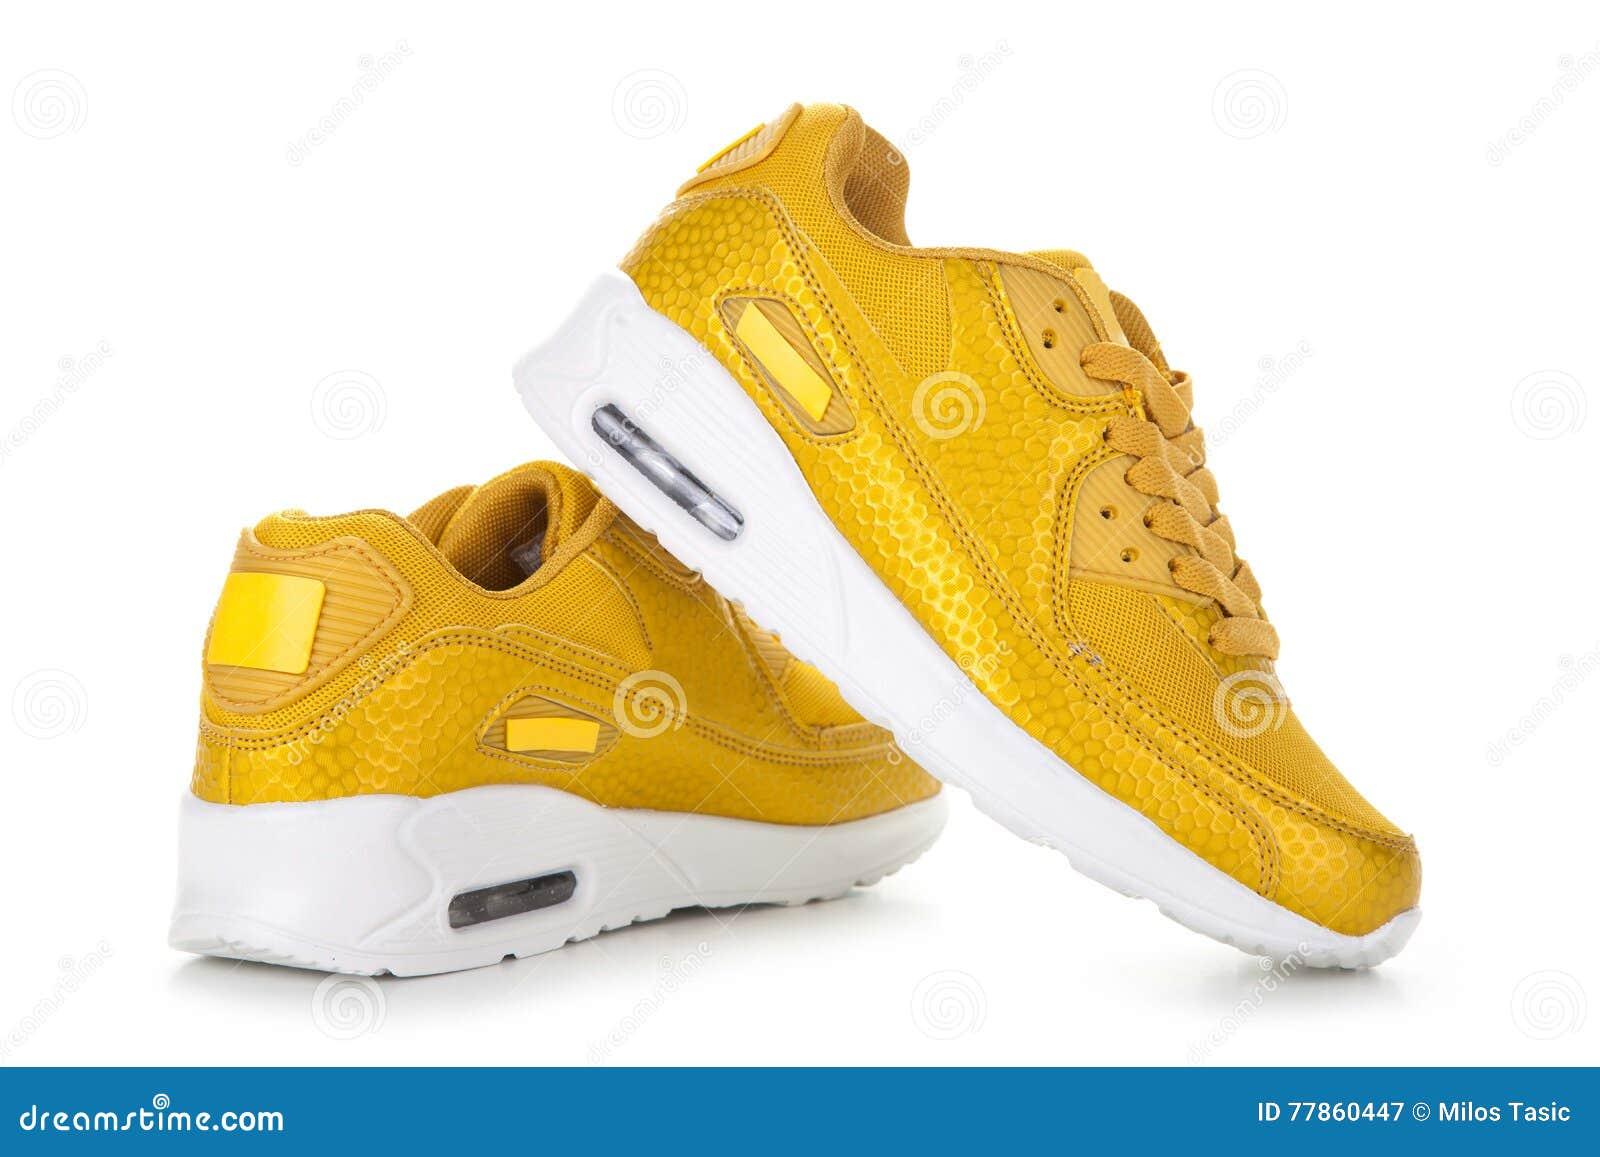 b16cefb3487 Κίτρινα αθλητικά παπούτσια στοκ εικόνα. εικόνα από απομονωμένος ...